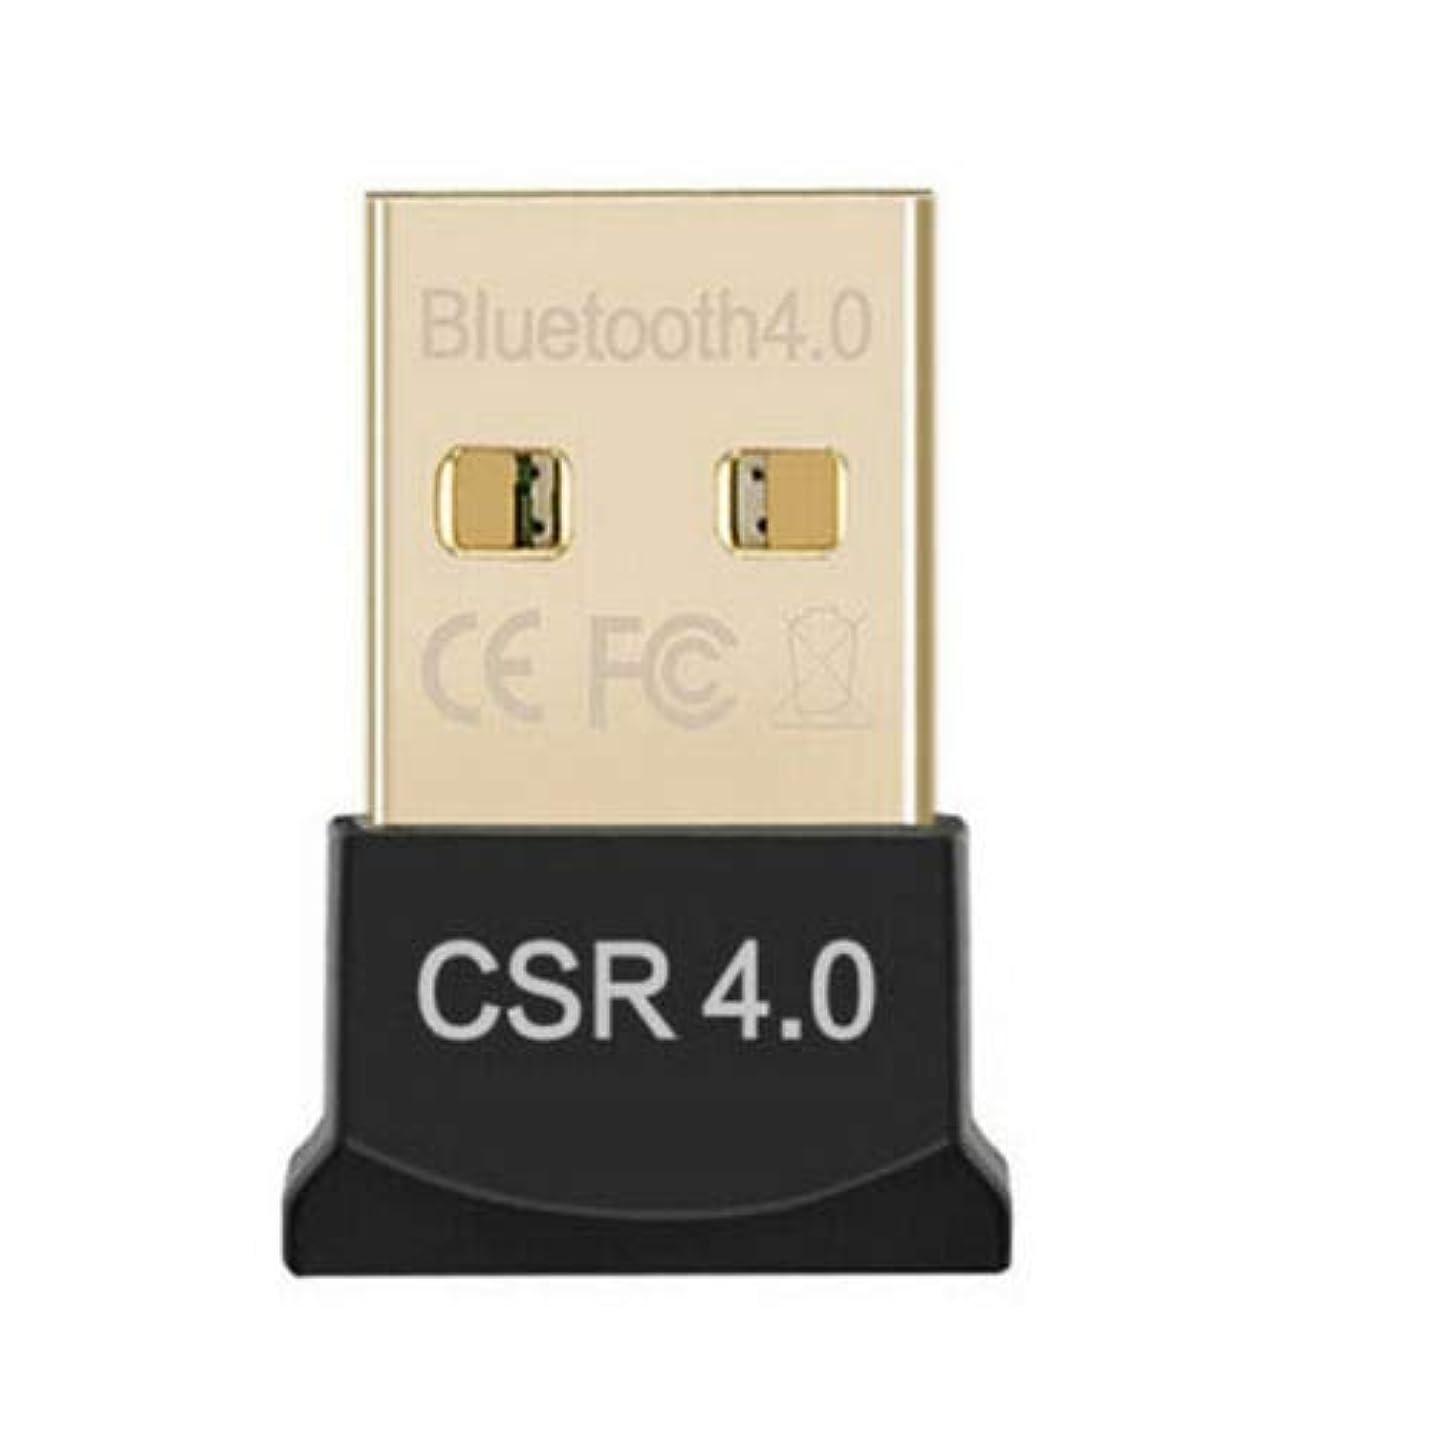 小道具レッスン気になるMini USB Bluetooth 4.0 CSR4.0 アダプタ ドングル PC ノートパソコン Win XP Vista 7 8用